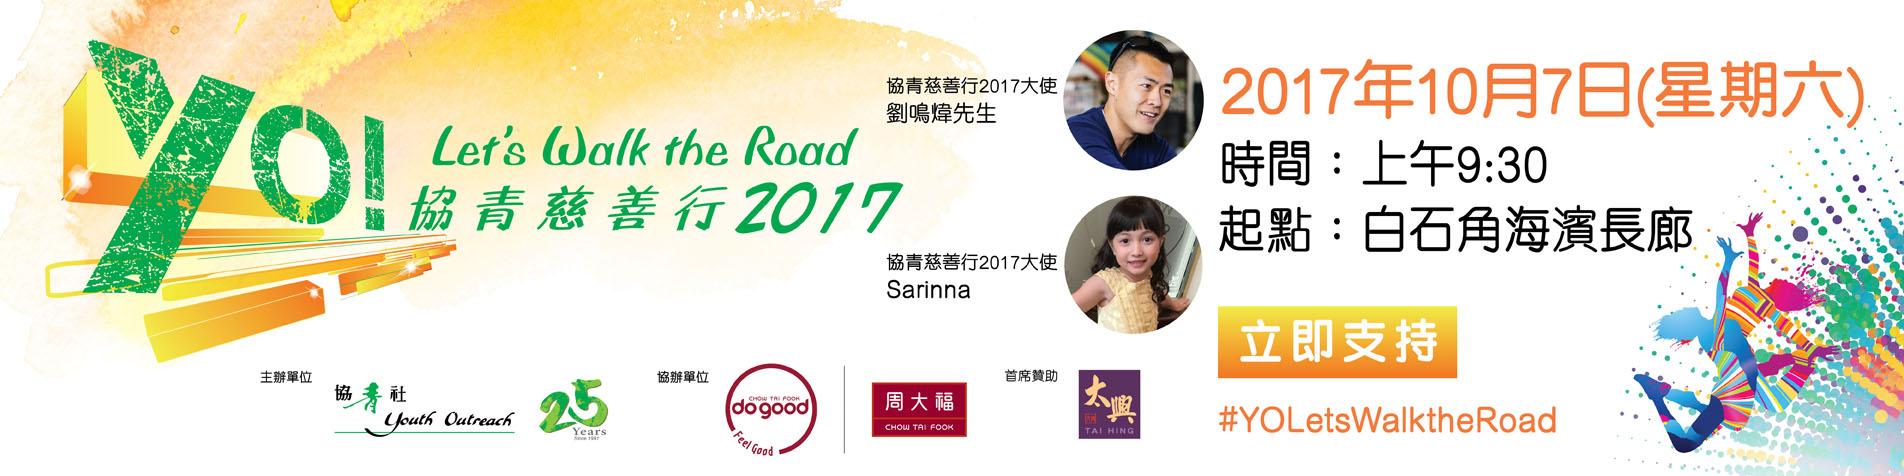 協青慈善行2017